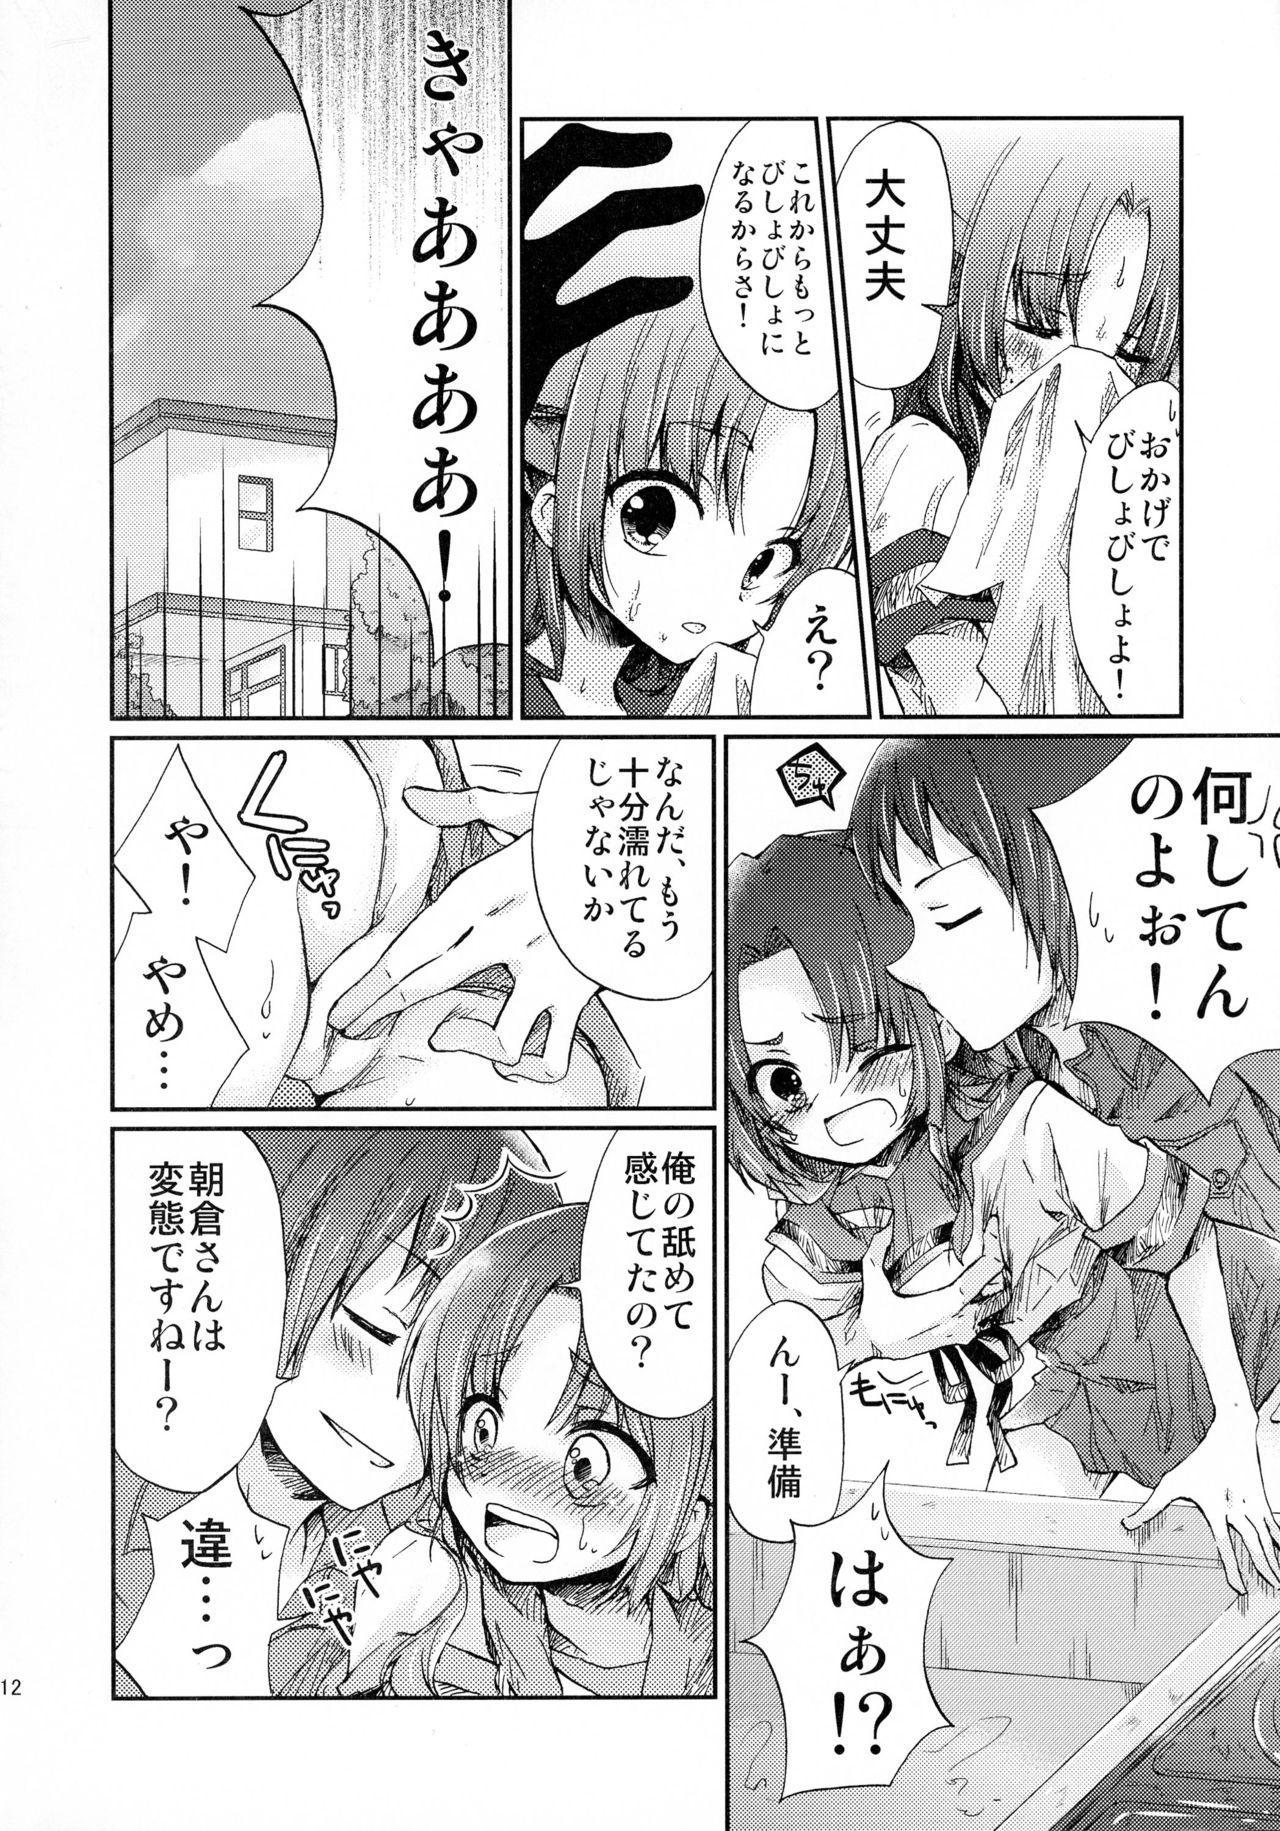 (C80) [MYONLYONE (Kureha Eiko)] Asakura-san to o Uchi de Nyan-Nyan suru Hon (Suzumiya Haruhi no Yuuutsu) 11